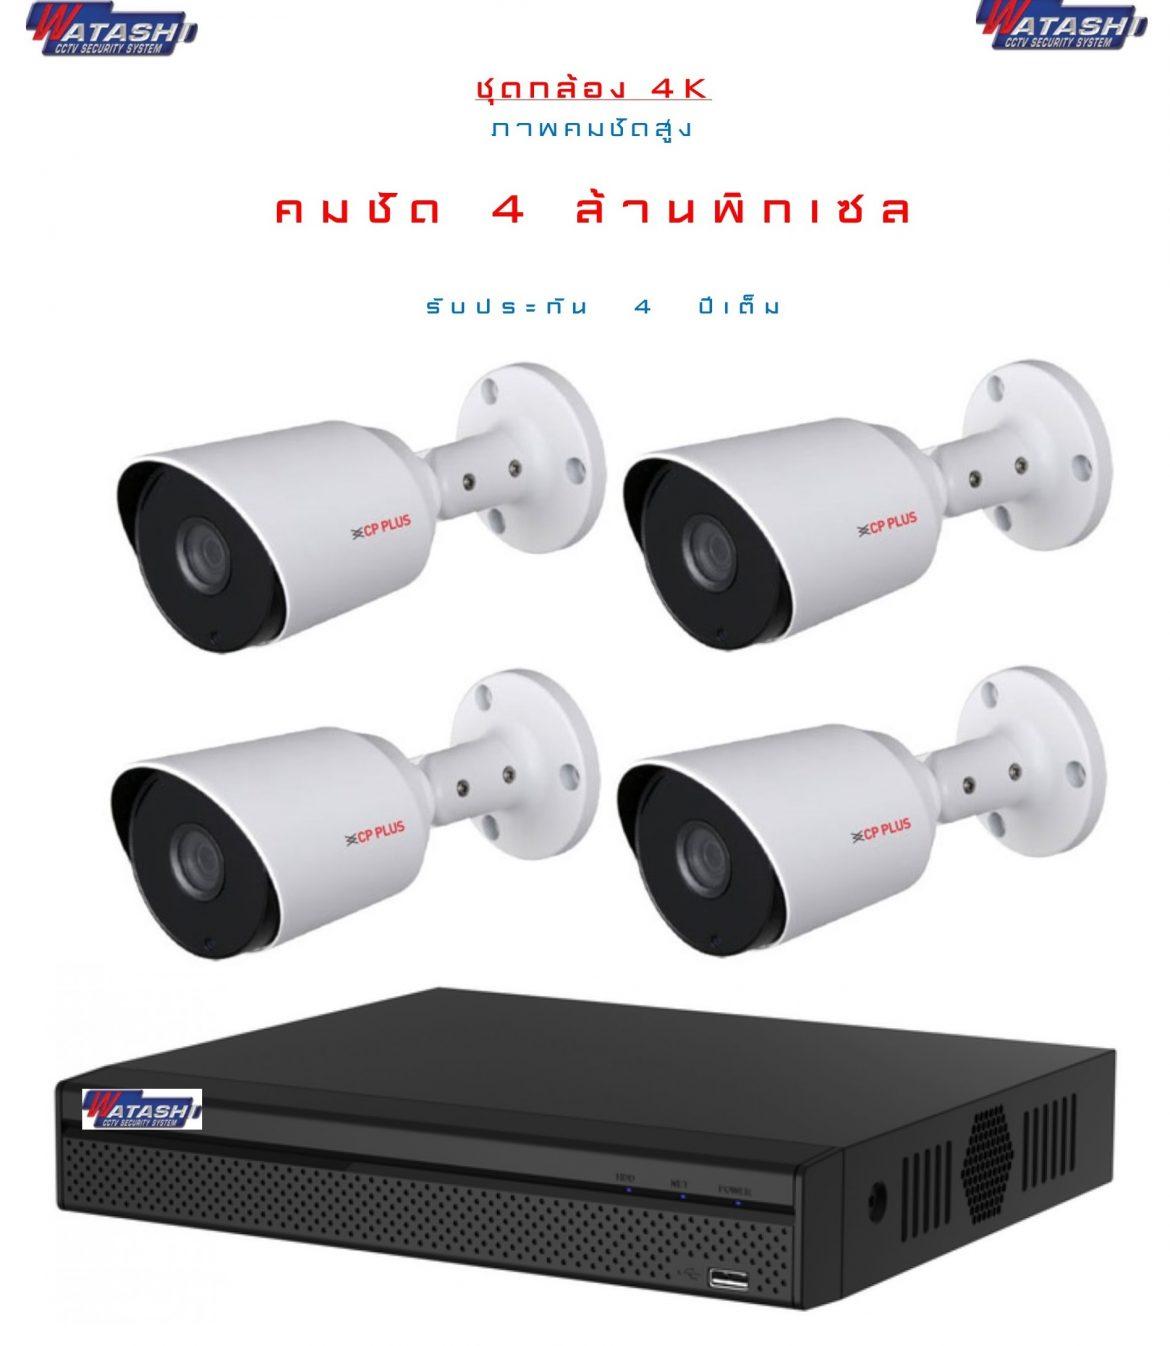 กล้อง 4 ล้านพิกเซล คมชัดที่สุด ULTRA 4K HD รับประกัน 4 ปี ราคาพิเศษสุด ที่ ไมนิคส์ เท่านั้น เริ่มต้นเพียง 18,900 บาท ไมนิคส์ ขอนแก่น กล้องวงจรปิด 4MP